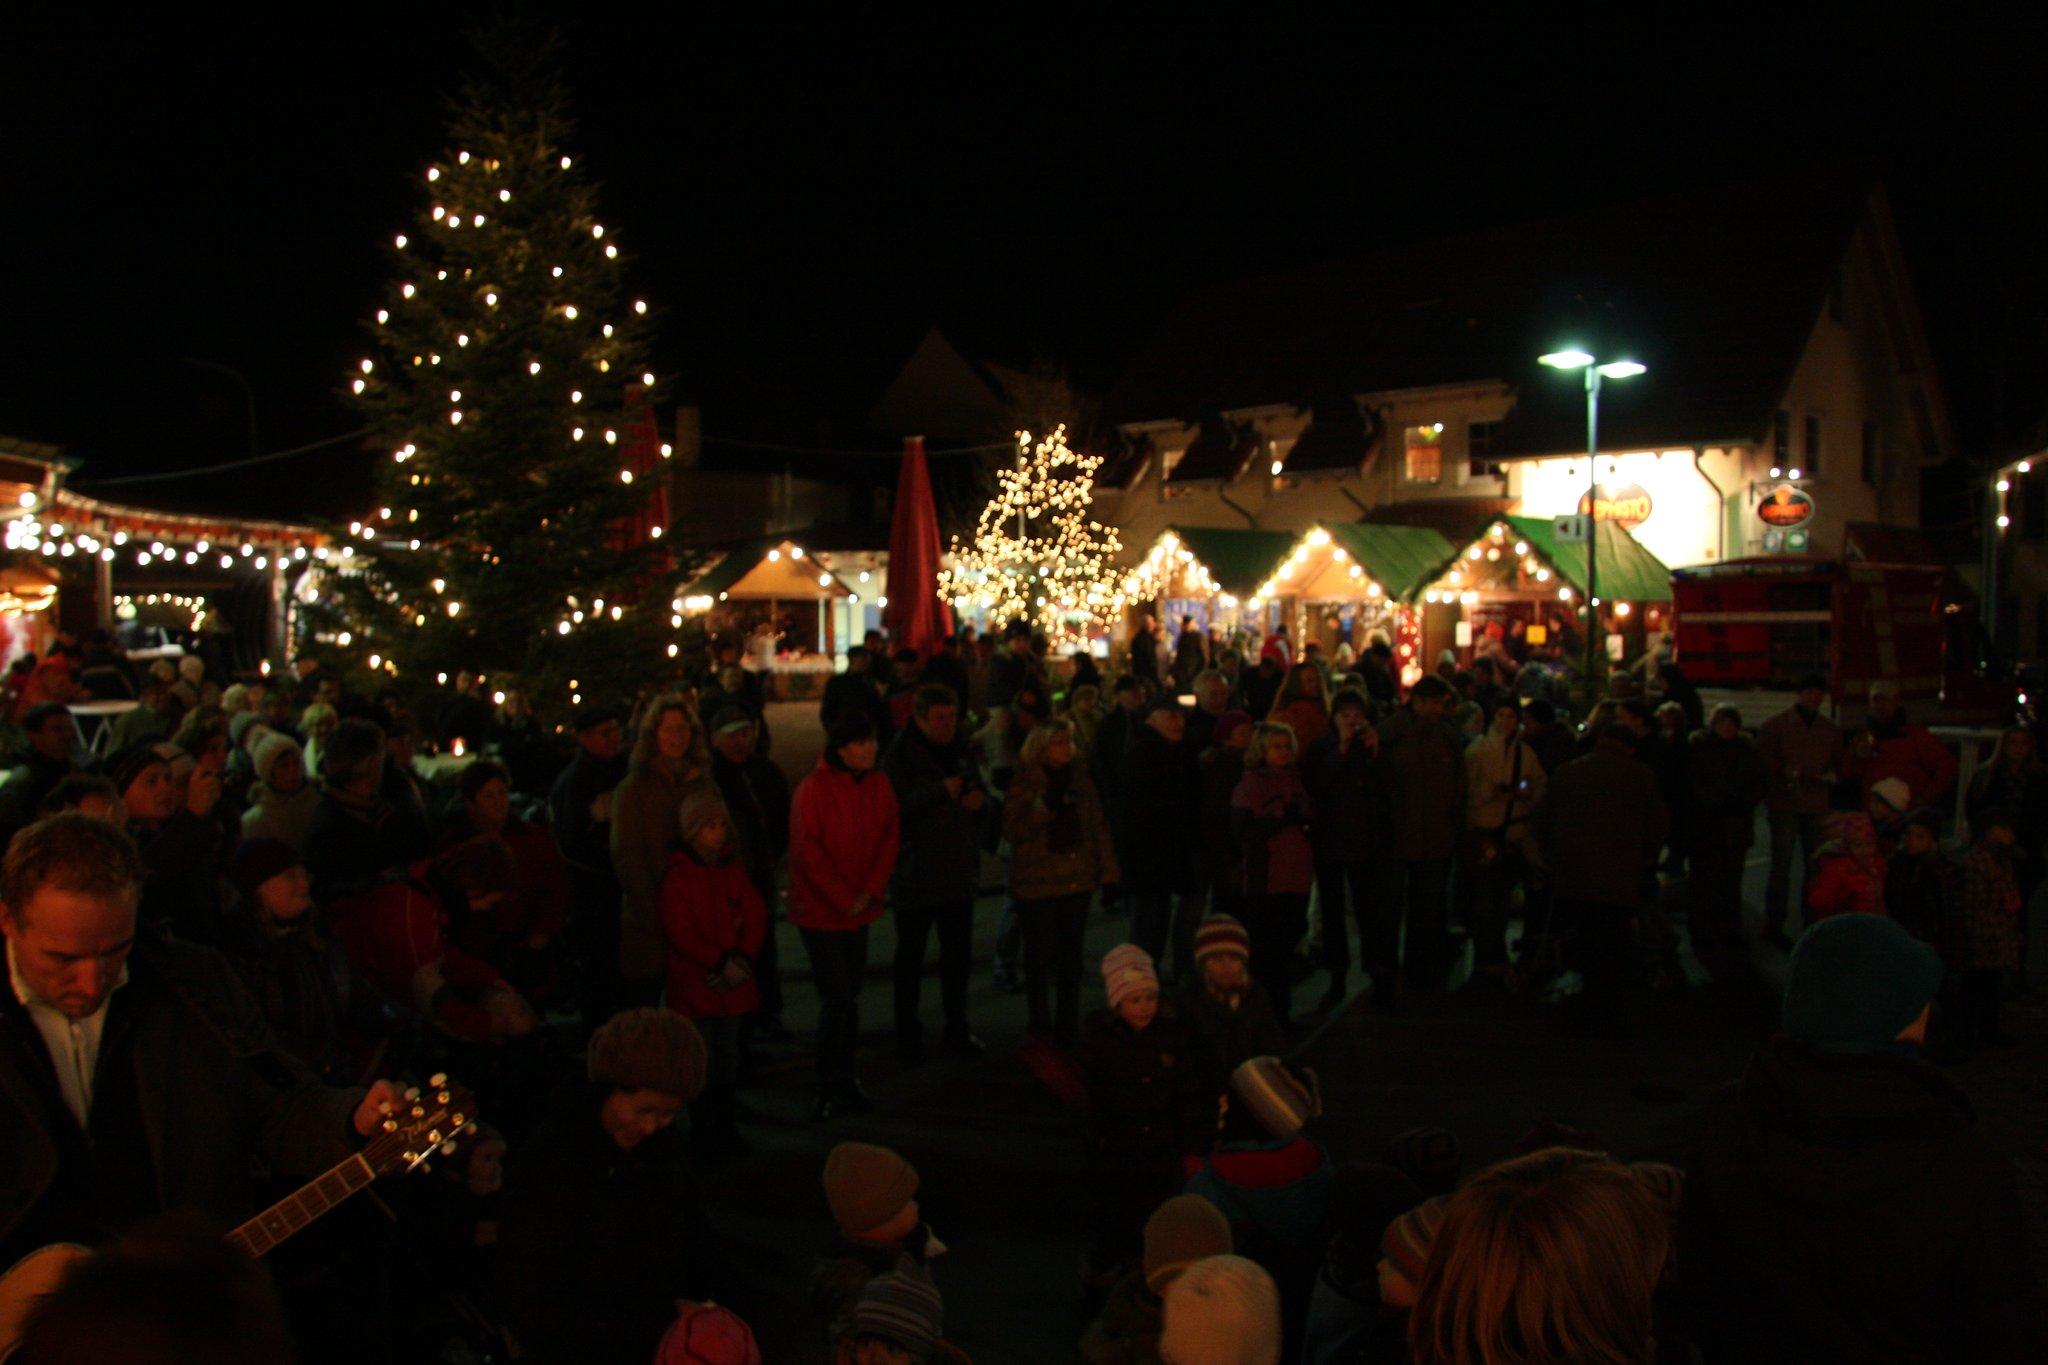 Weihnachtsmarkt Termine Nrw.Weihnachtsmarkt In Meckenheim Aktionen Am 1 Und 2